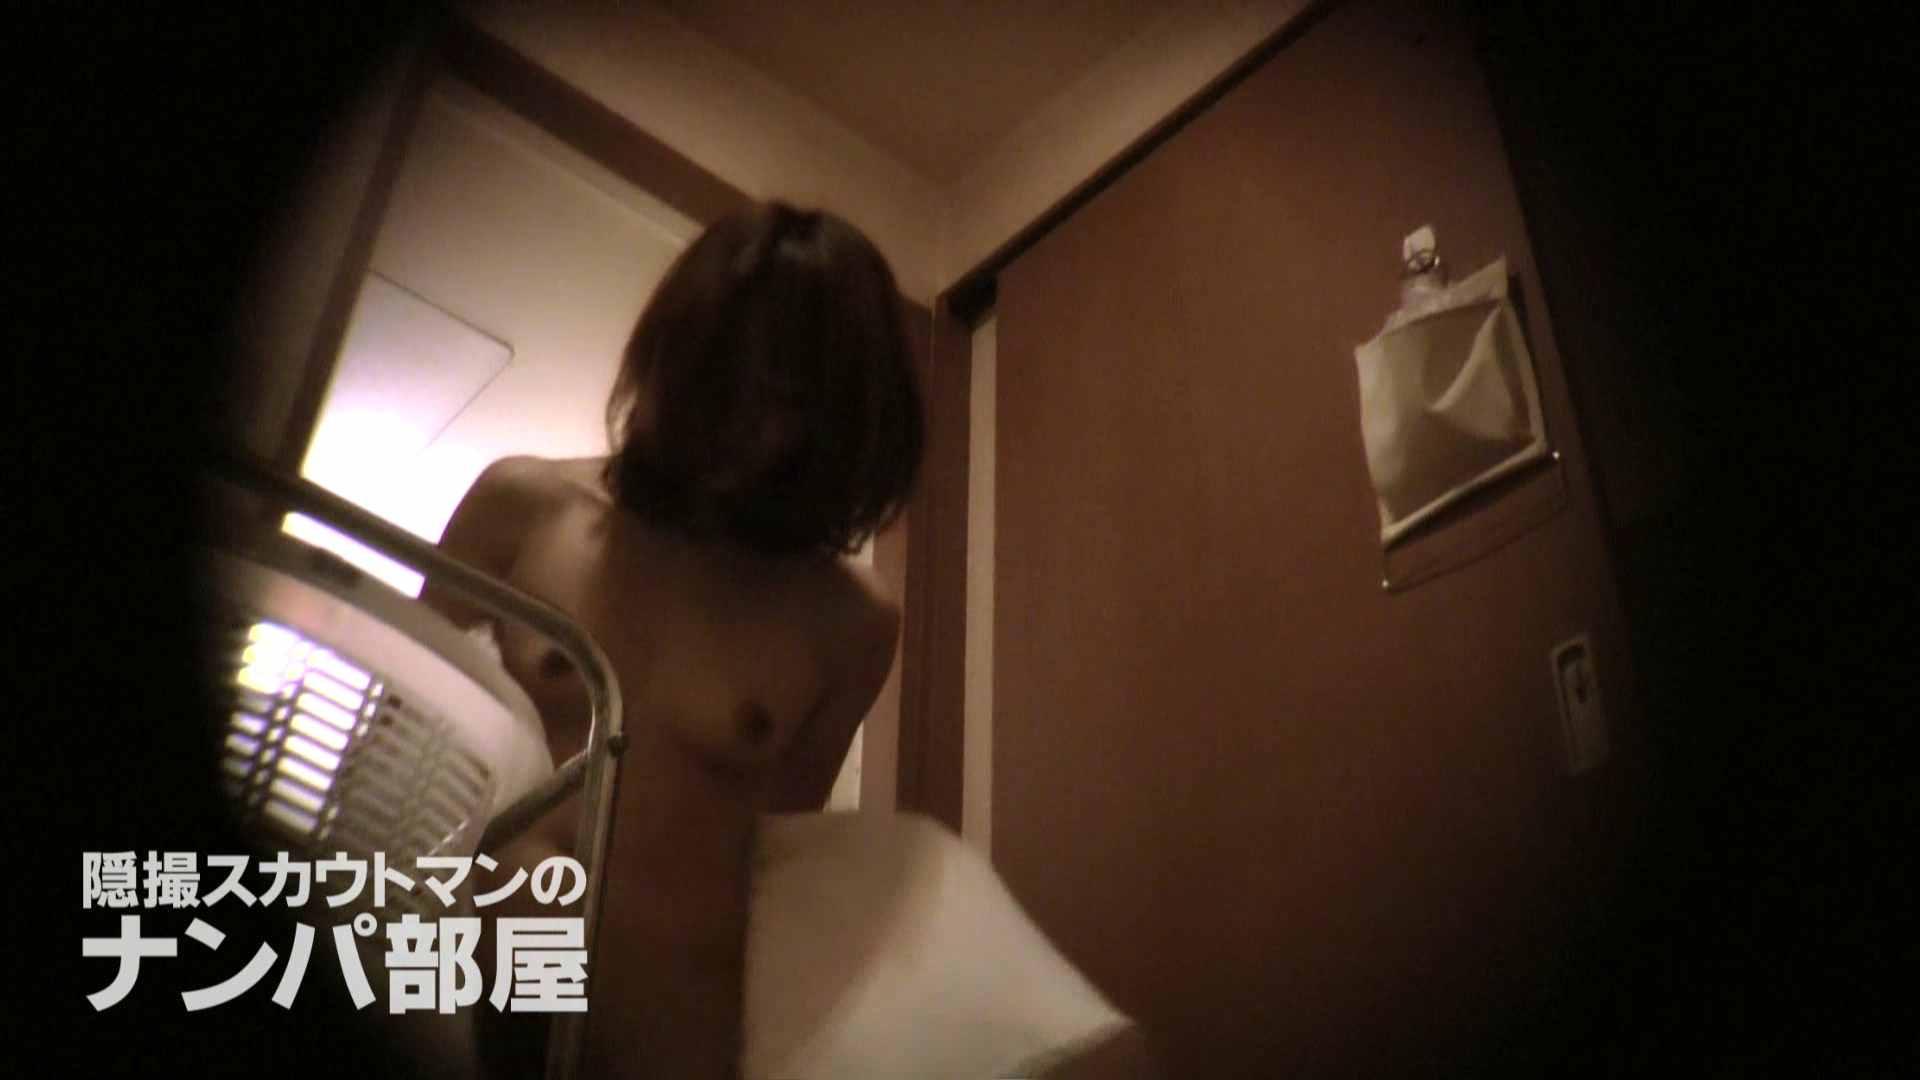 隠撮スカウトマンのナンパ部屋~風俗デビュー前のつまみ食い~ sii 脱衣所 | ナンパ  100連発 46